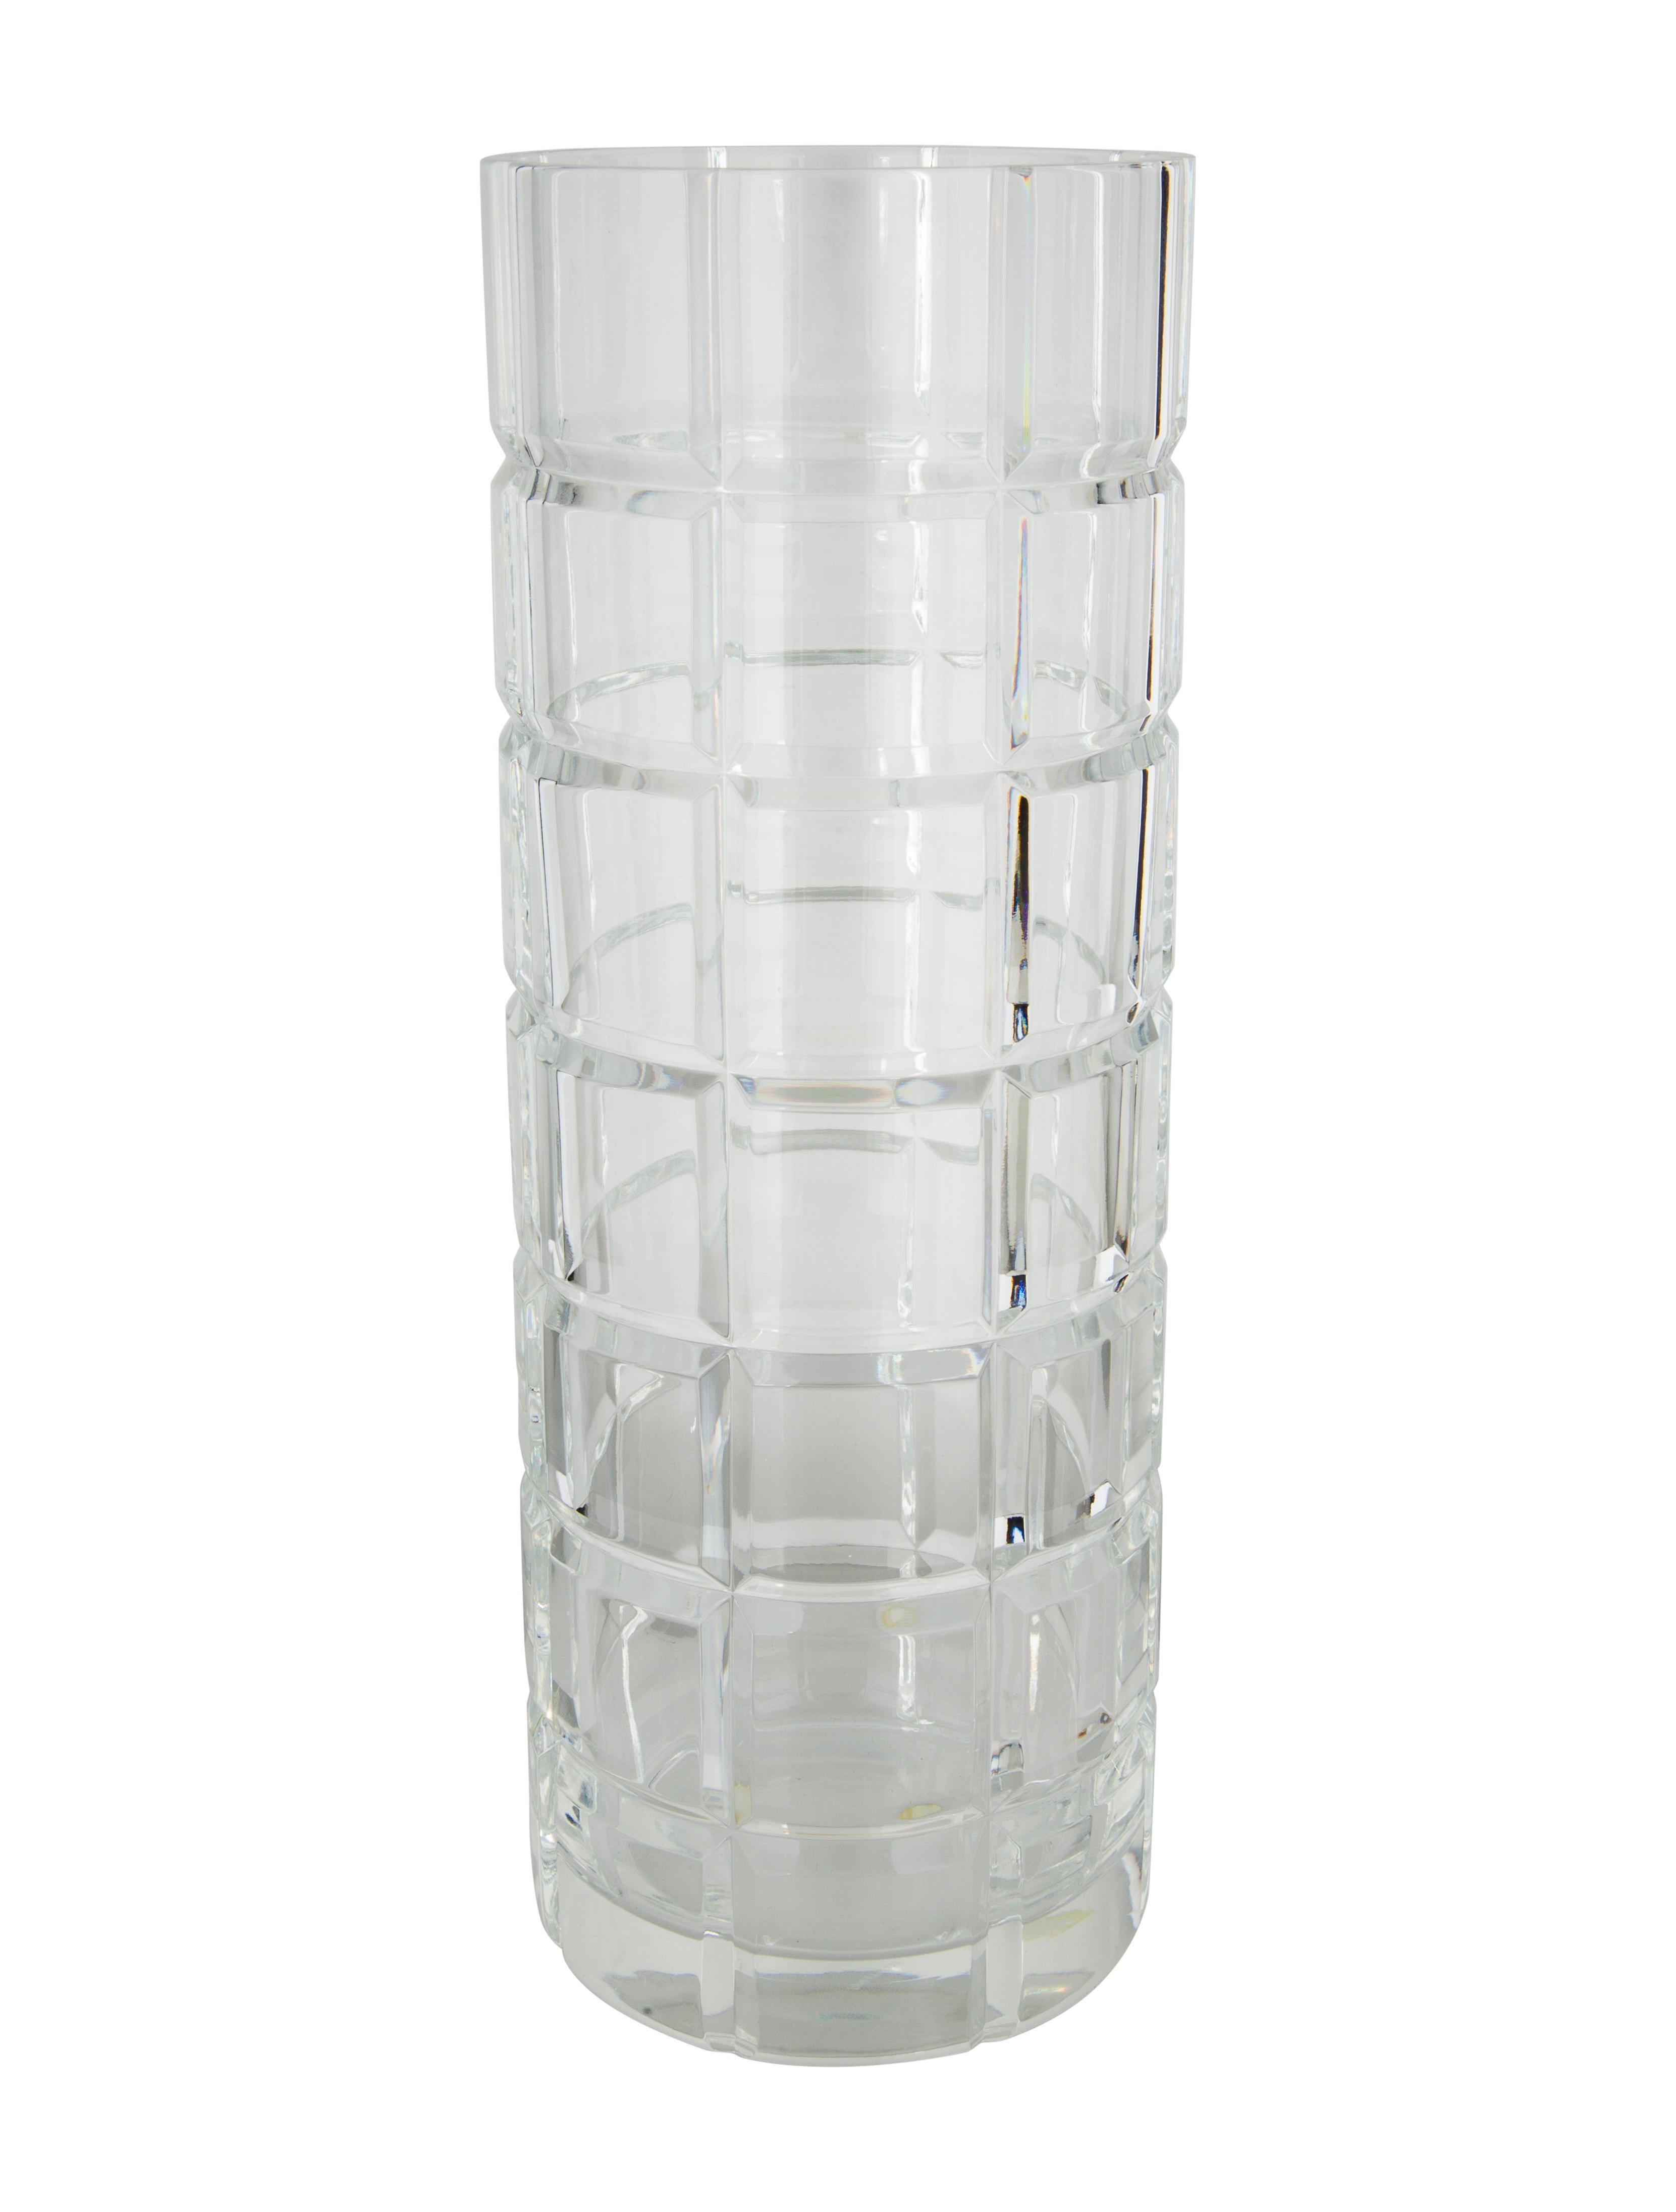 Tiffany co large crystal cylinder vase decor and accessories large crystal cylinder vase reviewsmspy